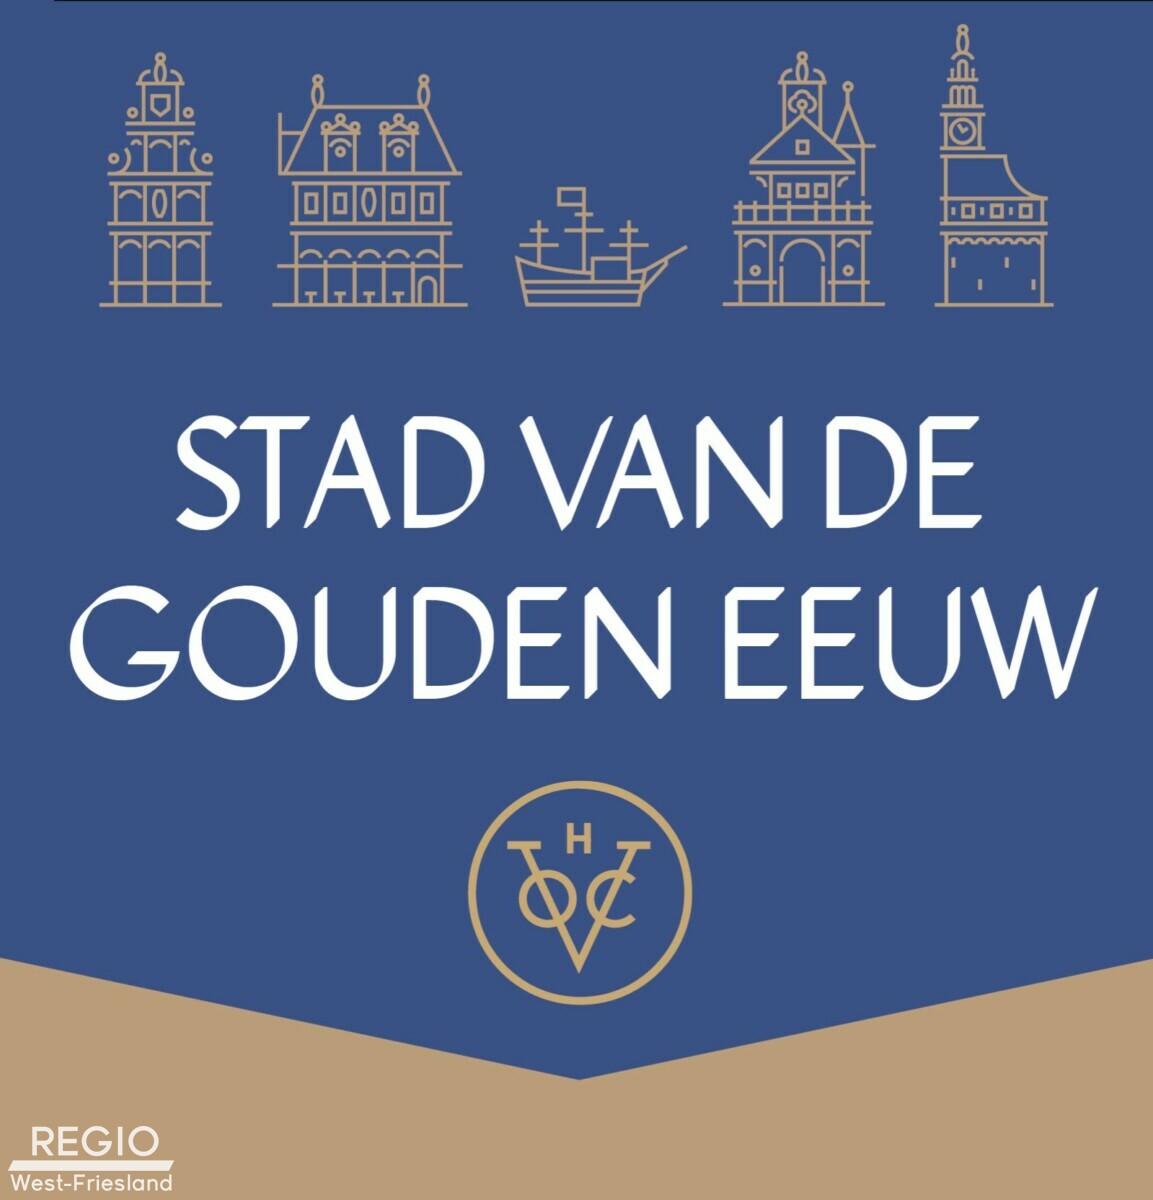 De Eeuw Van De Stad.Hoorn Viert Jaar Van De Gouden Eeuw Regio West Friesland